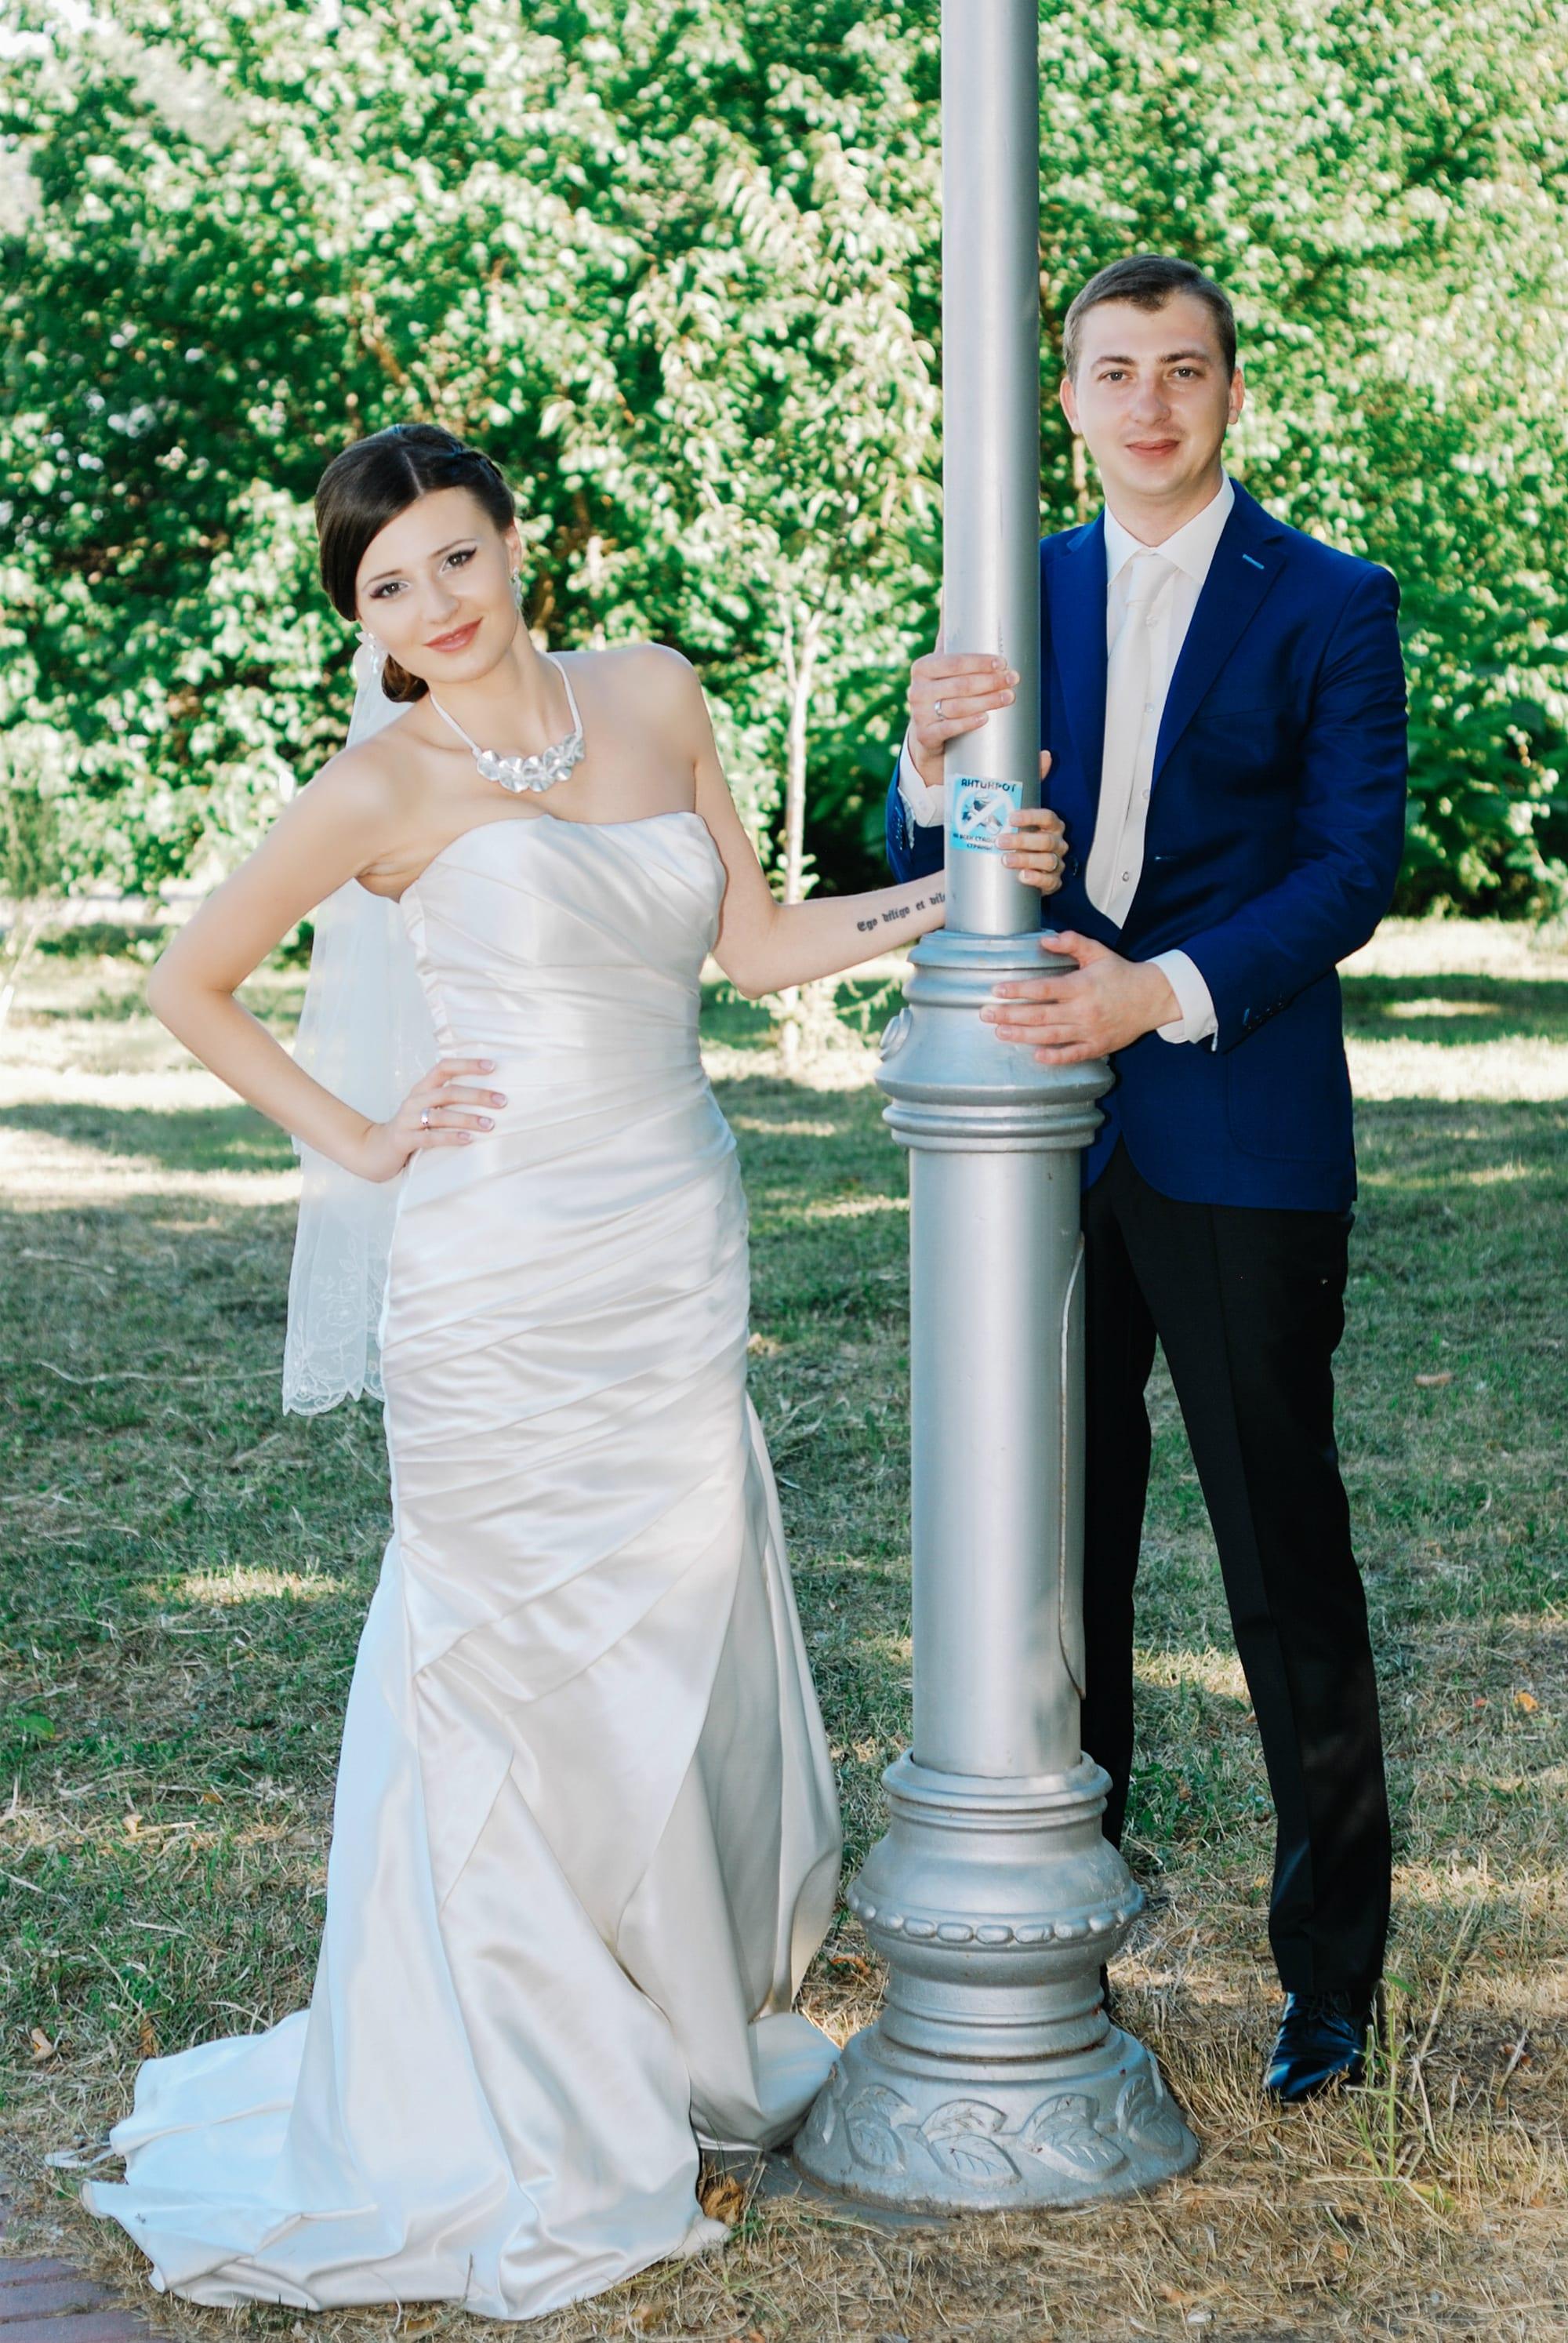 Жених и невеста - Фотограф Киев - Женя Лайт